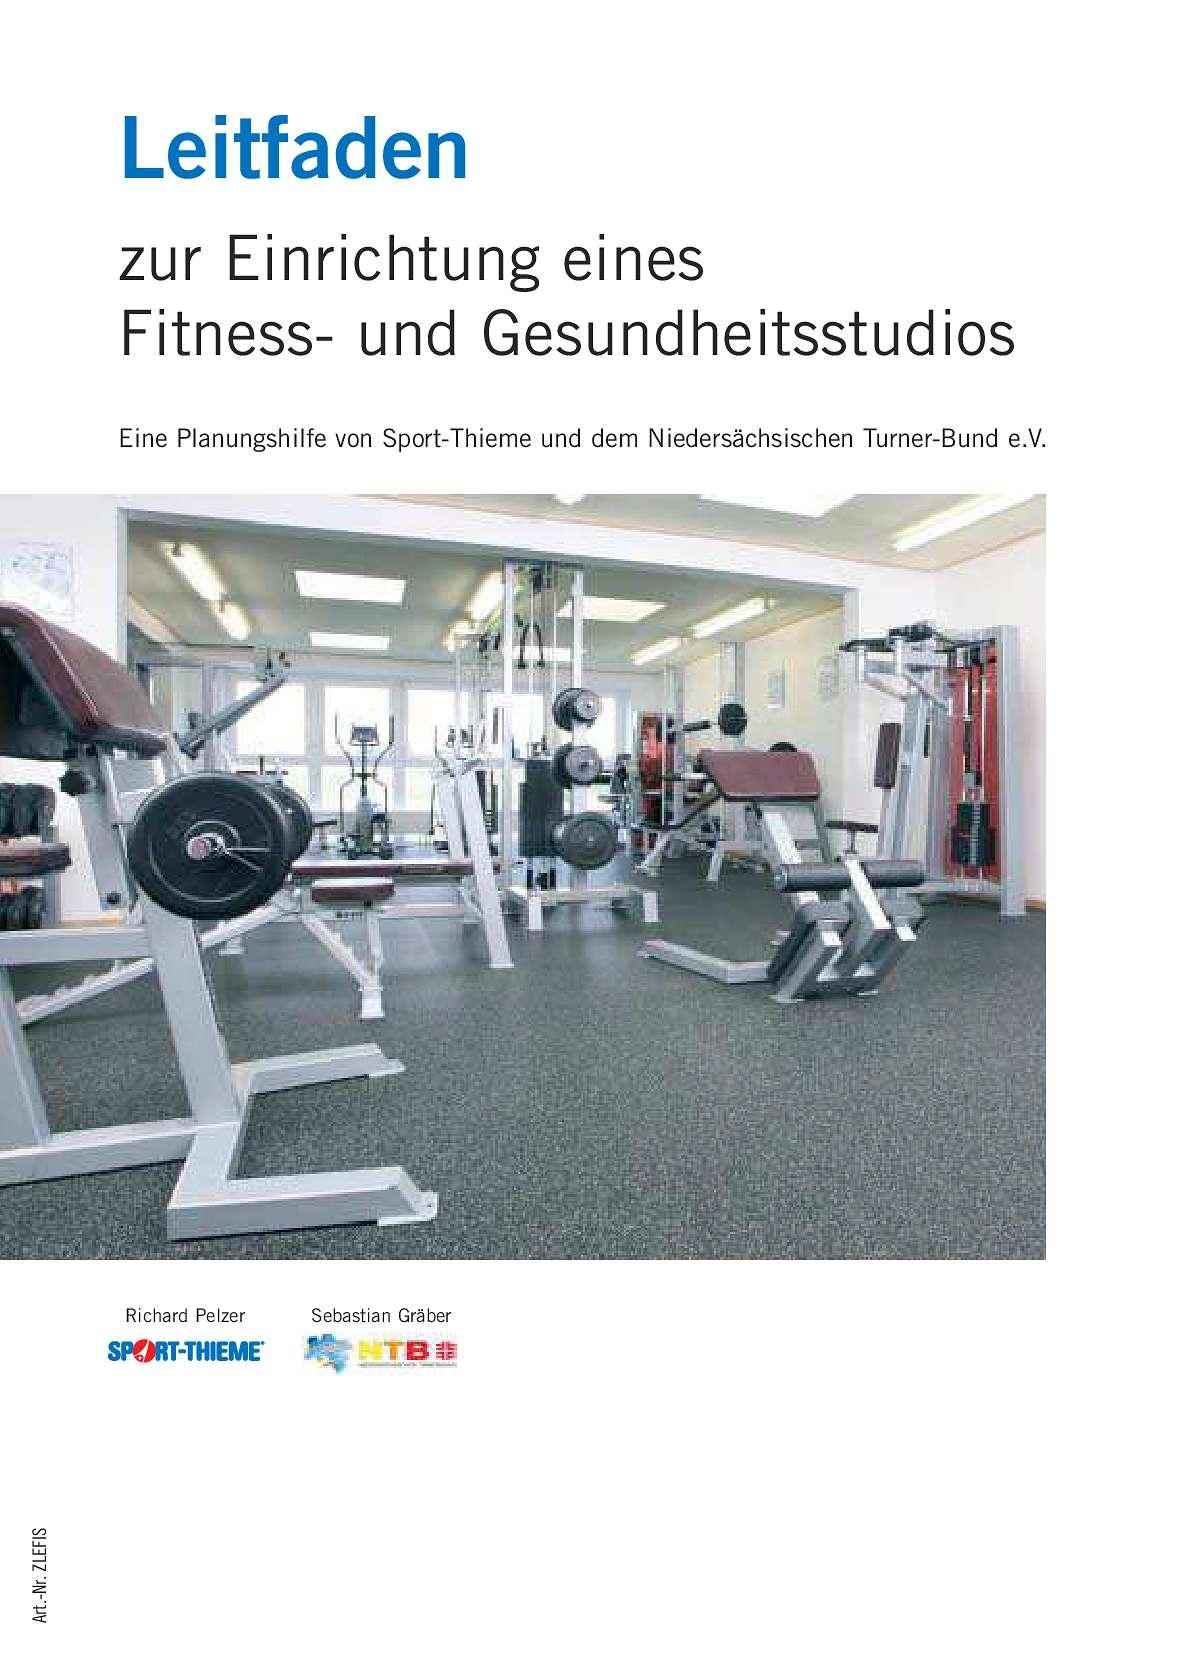 Leitfaden zur Einrichtung von Fitness- und Gesundheitsstudios